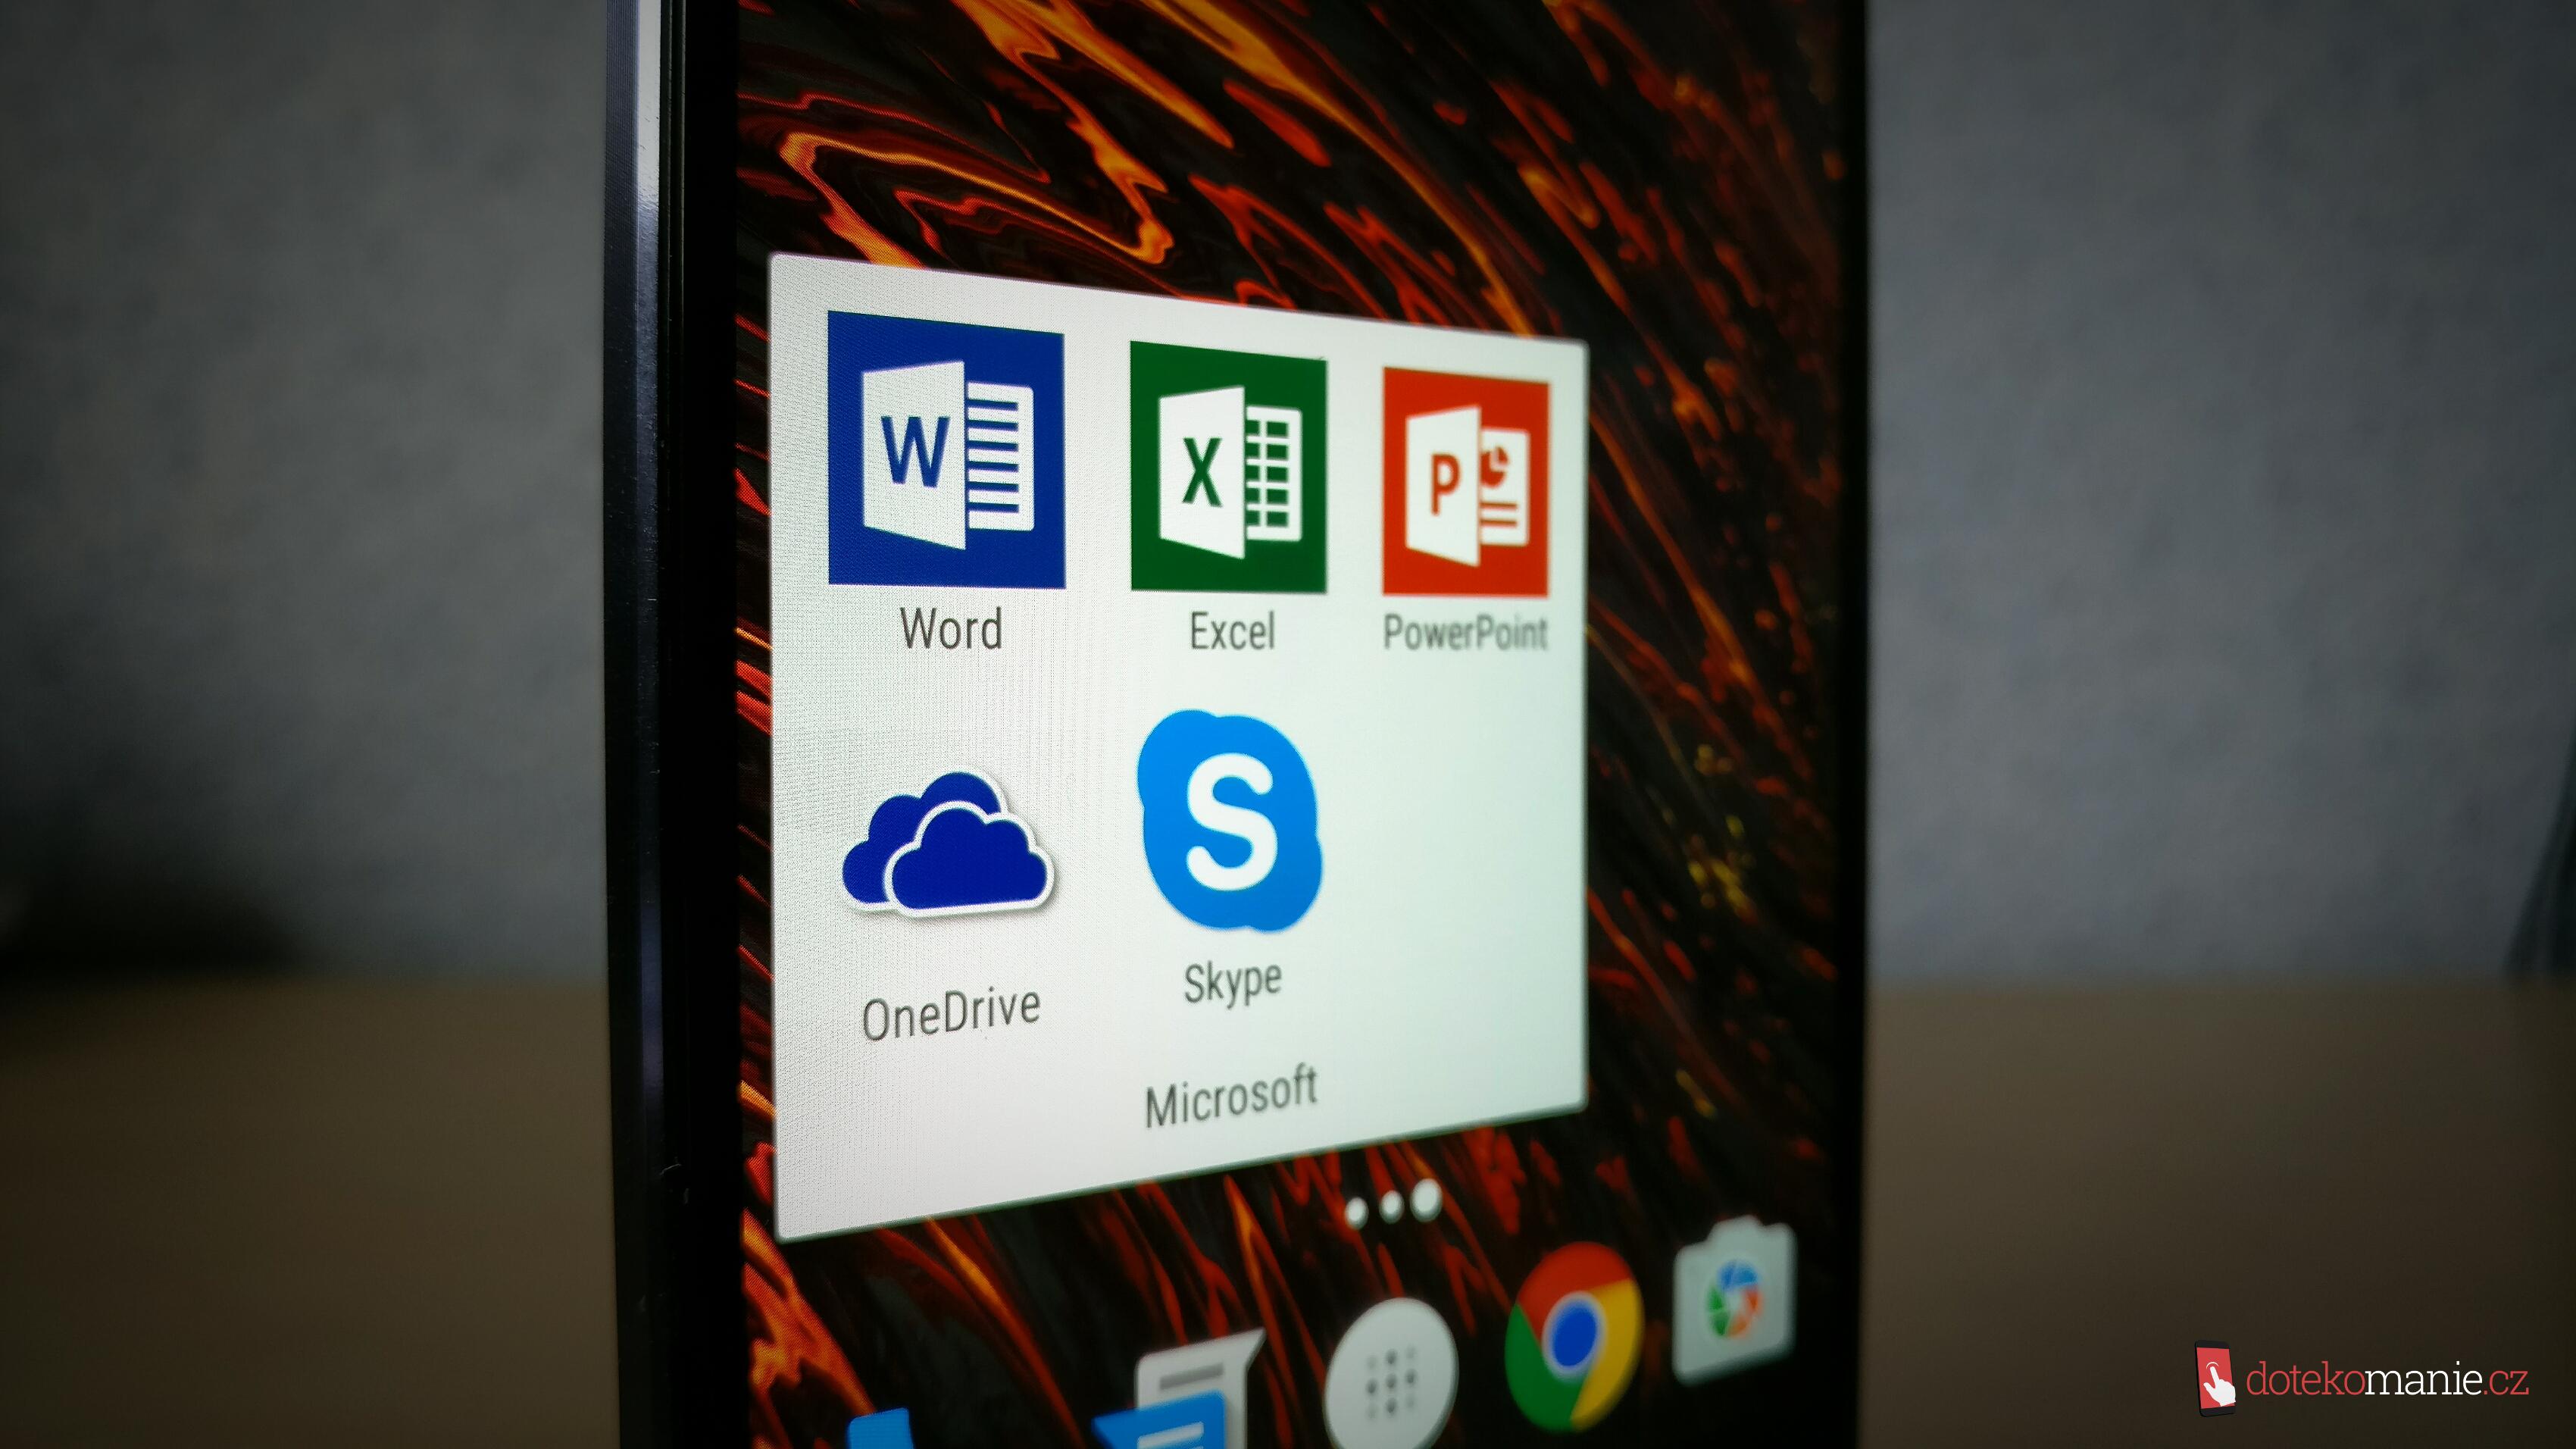 Microsoftí aplikace budou předinstalované na telefonech Lenovo